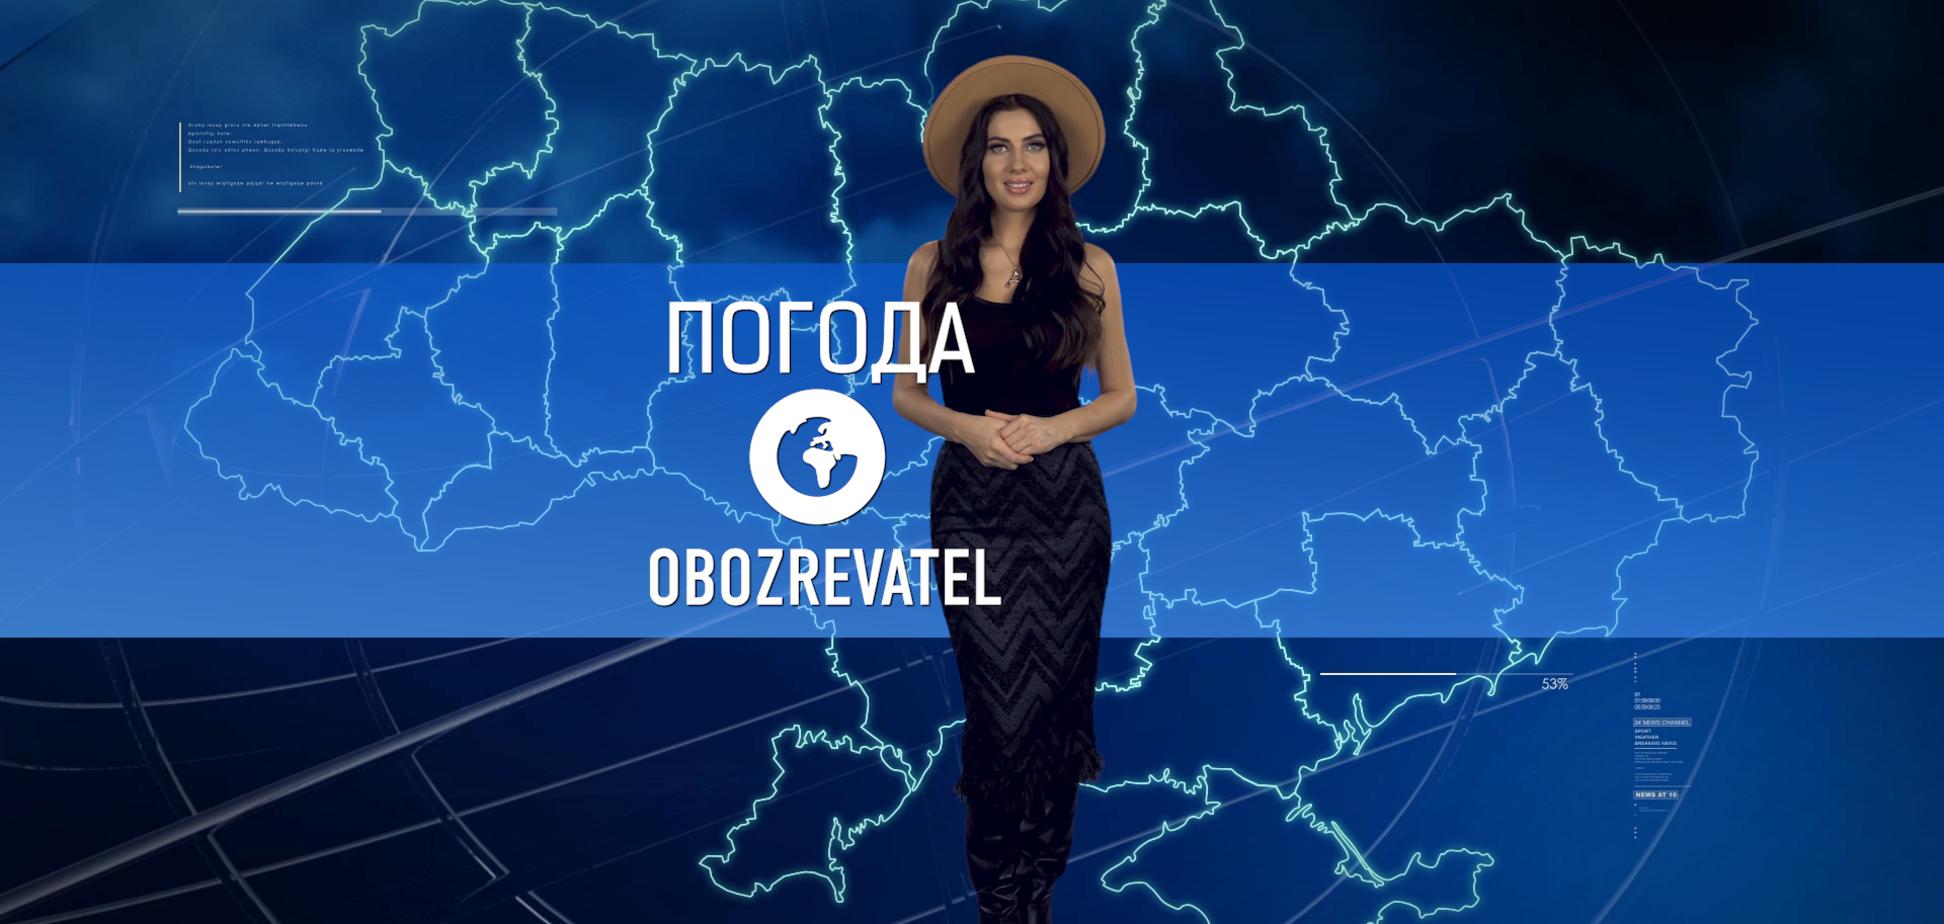 Прогноз погоди в Україні на п'ятницю 12 березня з Алісою Мярковською